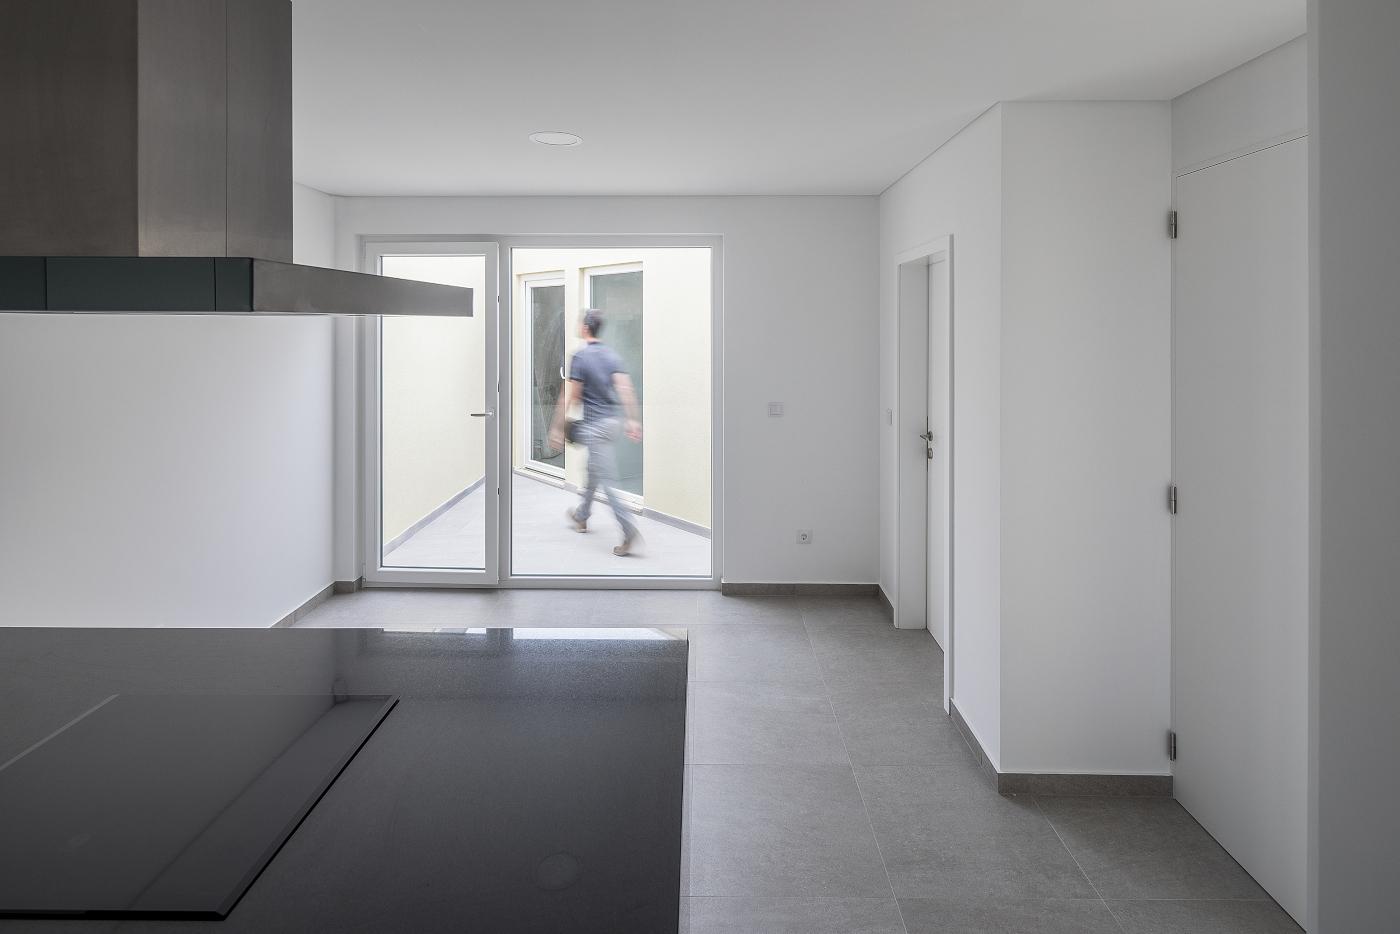 Reportagem Fotografia  arquitectura portuguesa fotografo Ivo tavares studio  moradia porto de Impare Arquitectura